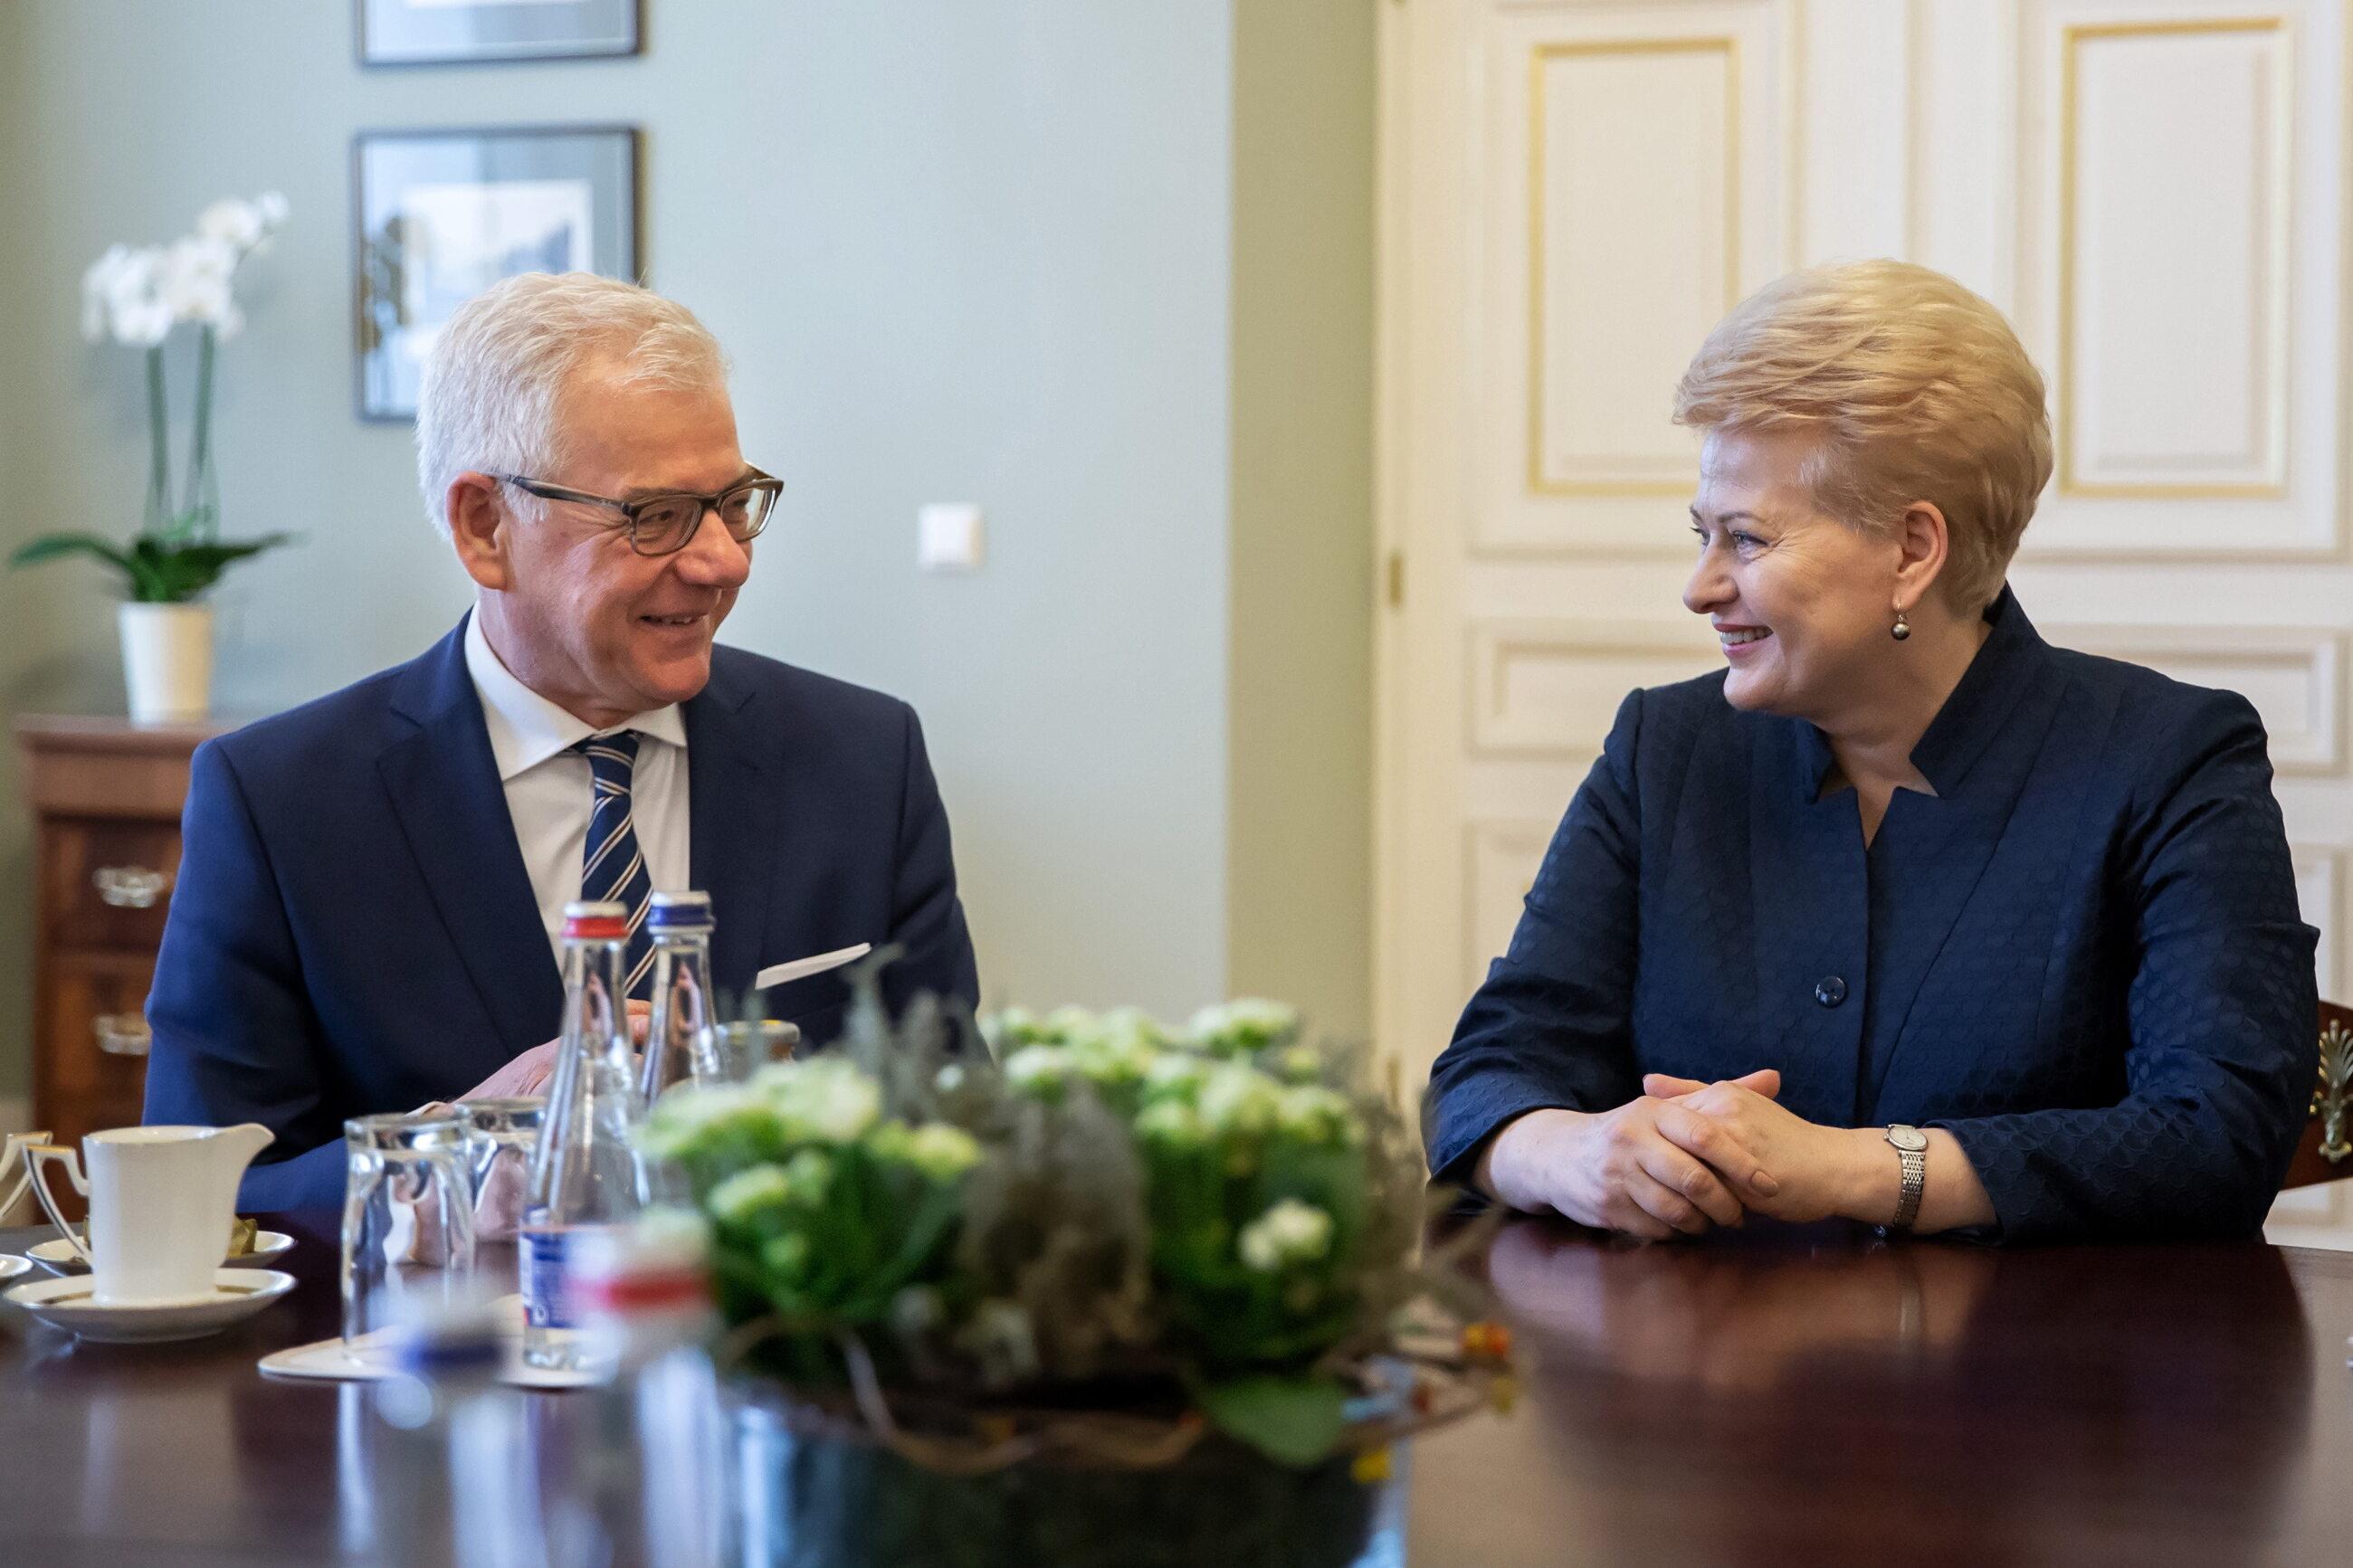 Szef MSZ Jacek Czaputowicz i prezydent Litwy Dalia Grybauskaite